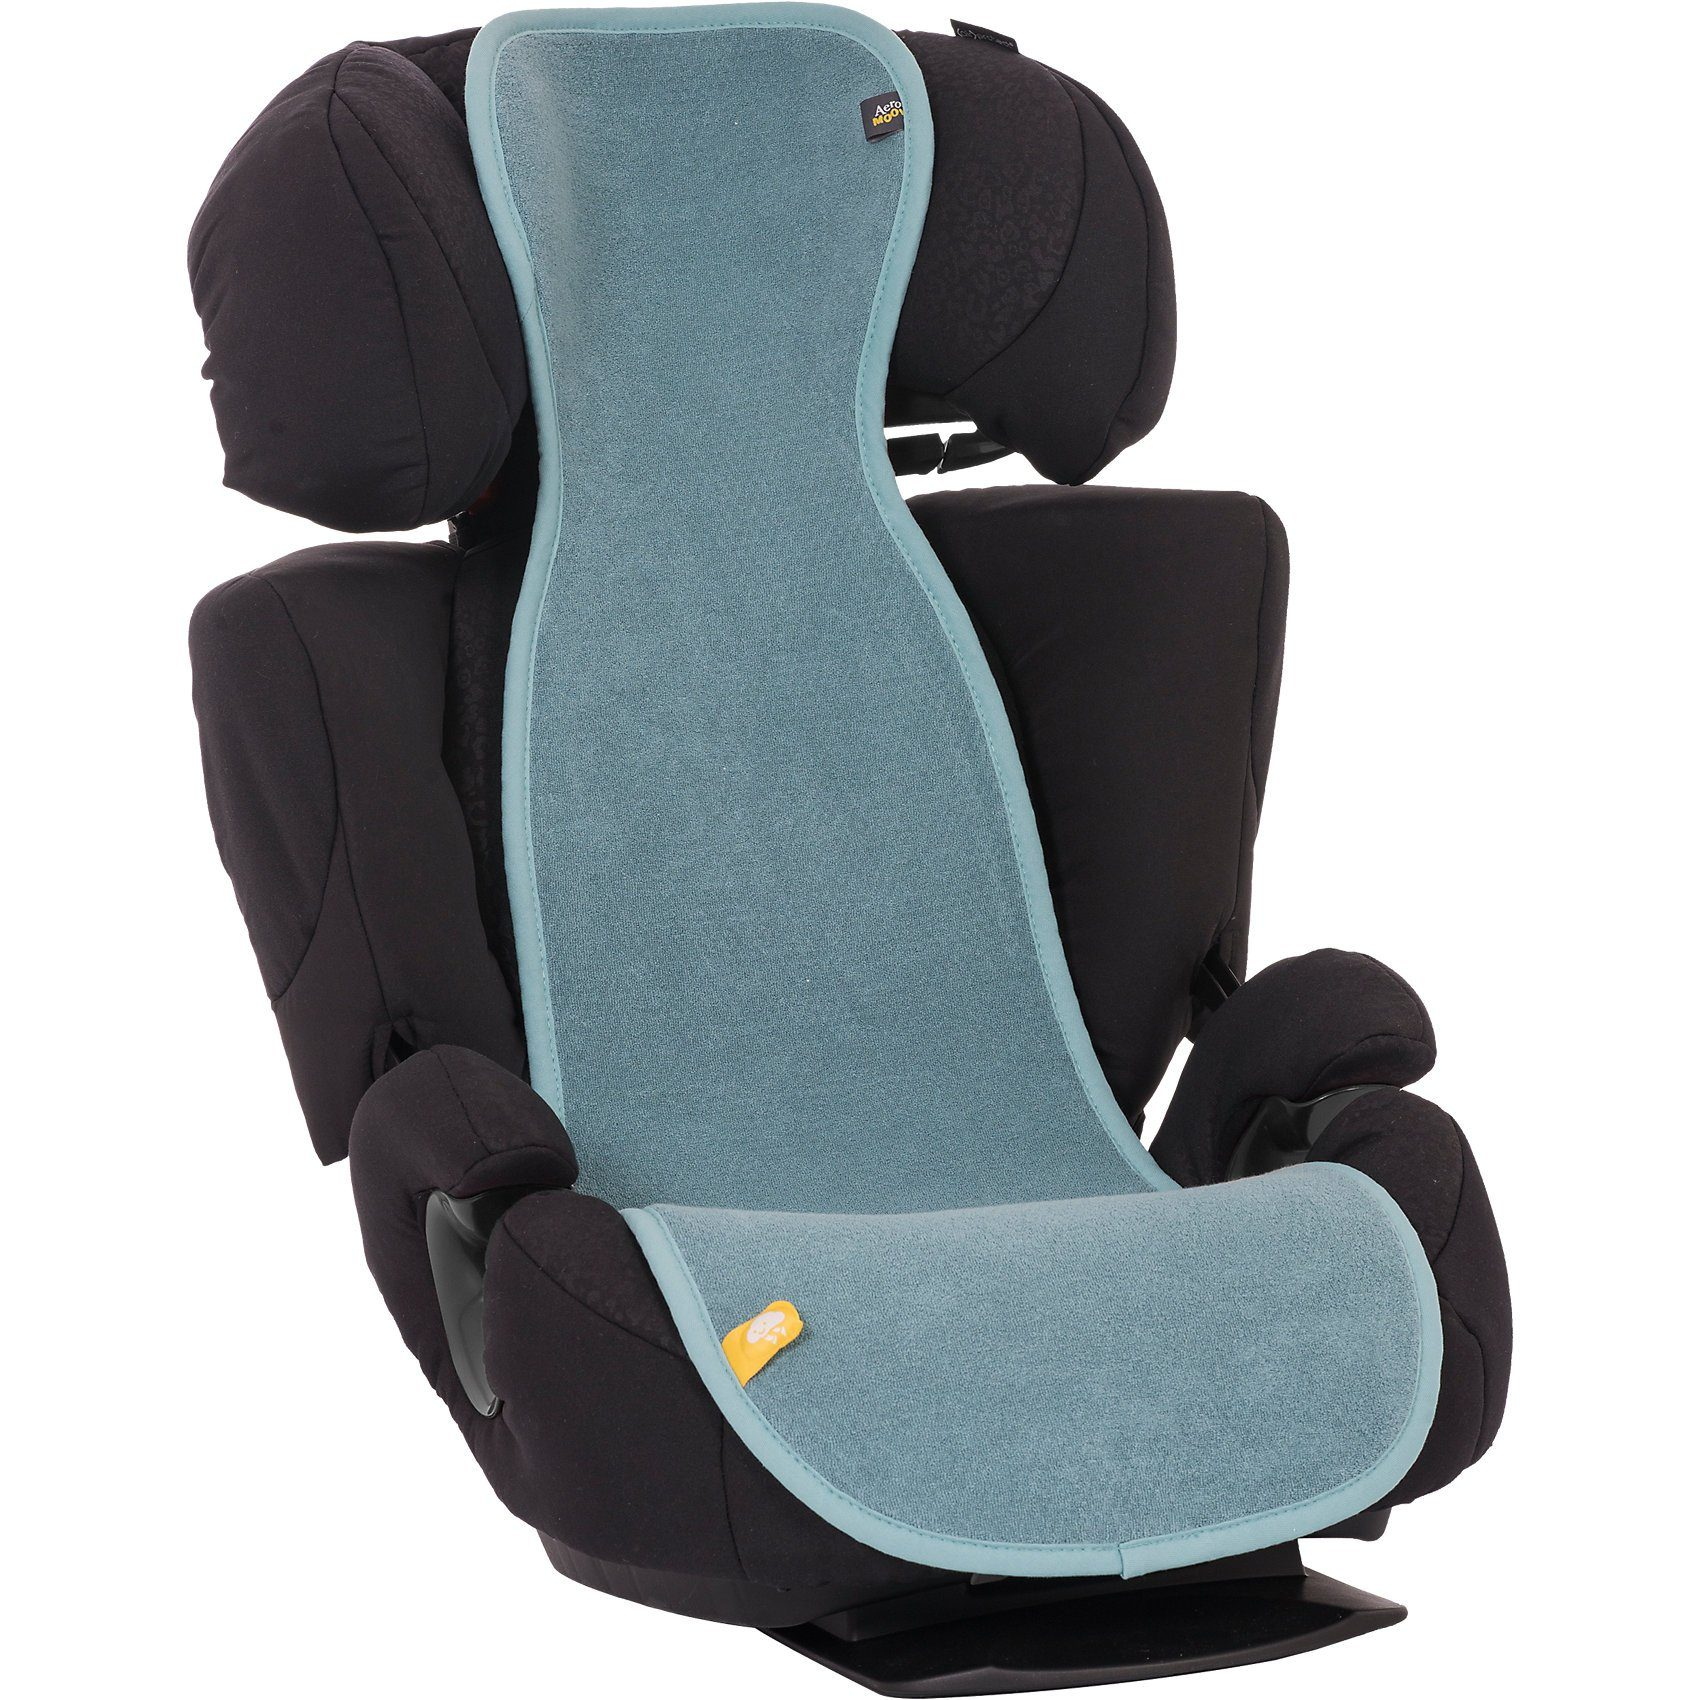 Sitzeinlage AeroMoov air layer für Auto-Kindersitz Gr. 2/3,